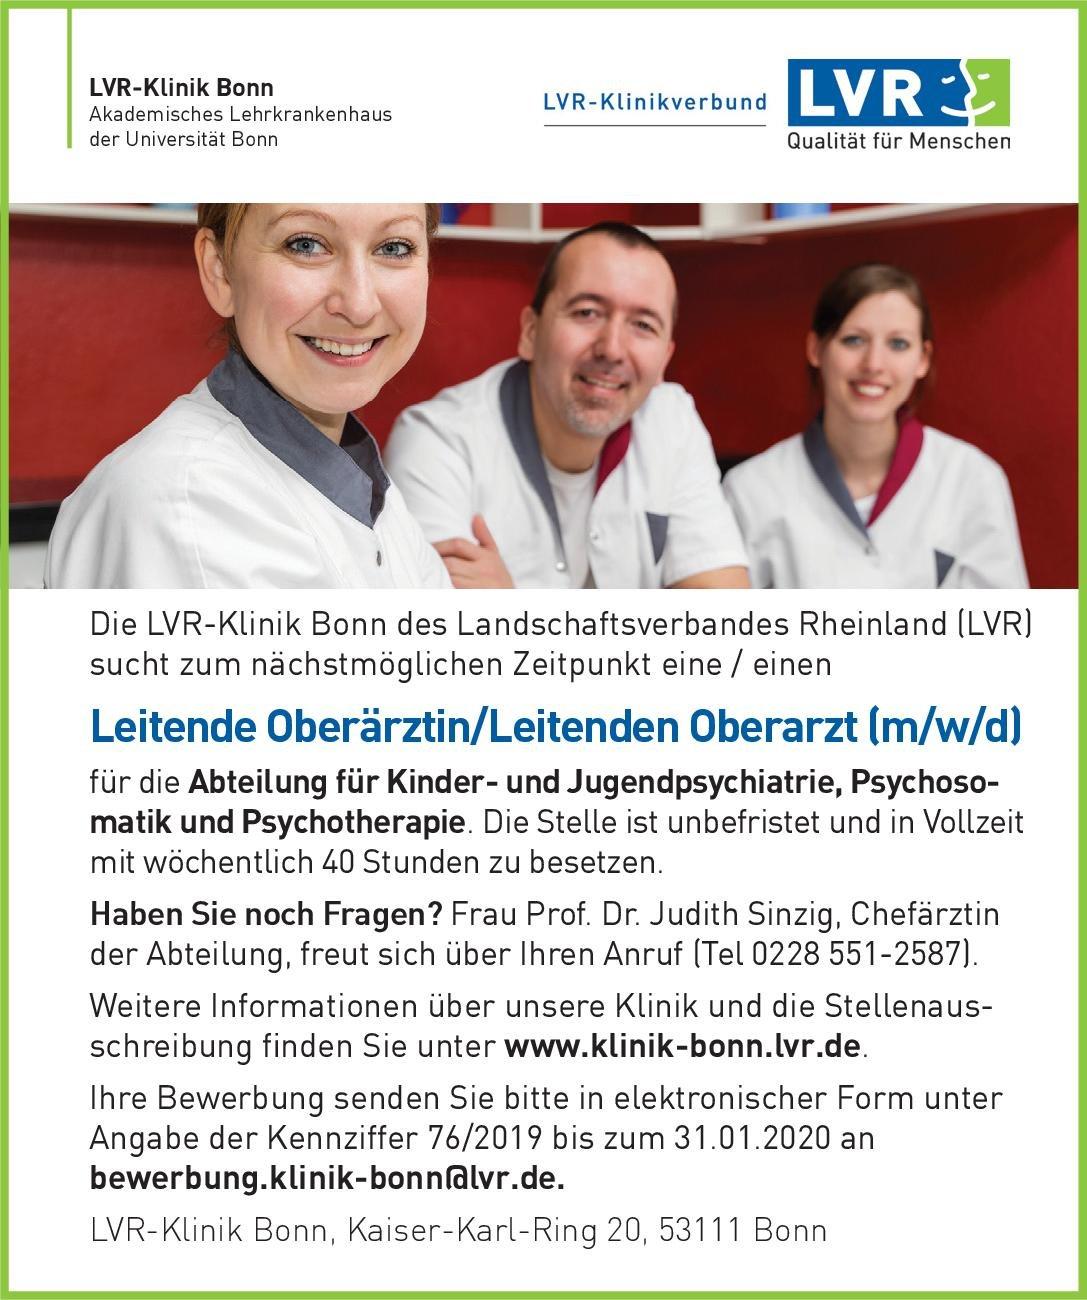 LVR-Klinik Bonn Leitende Oberärztin/Leitender Oberarzt Kinder- und Jugendpsychiatrie, Psychosomatik und Psychotherapie Kinder- und Jugendpsychiatrie und -psychotherapie, Psychosomatische Medizin und Psychotherapie Oberarzt